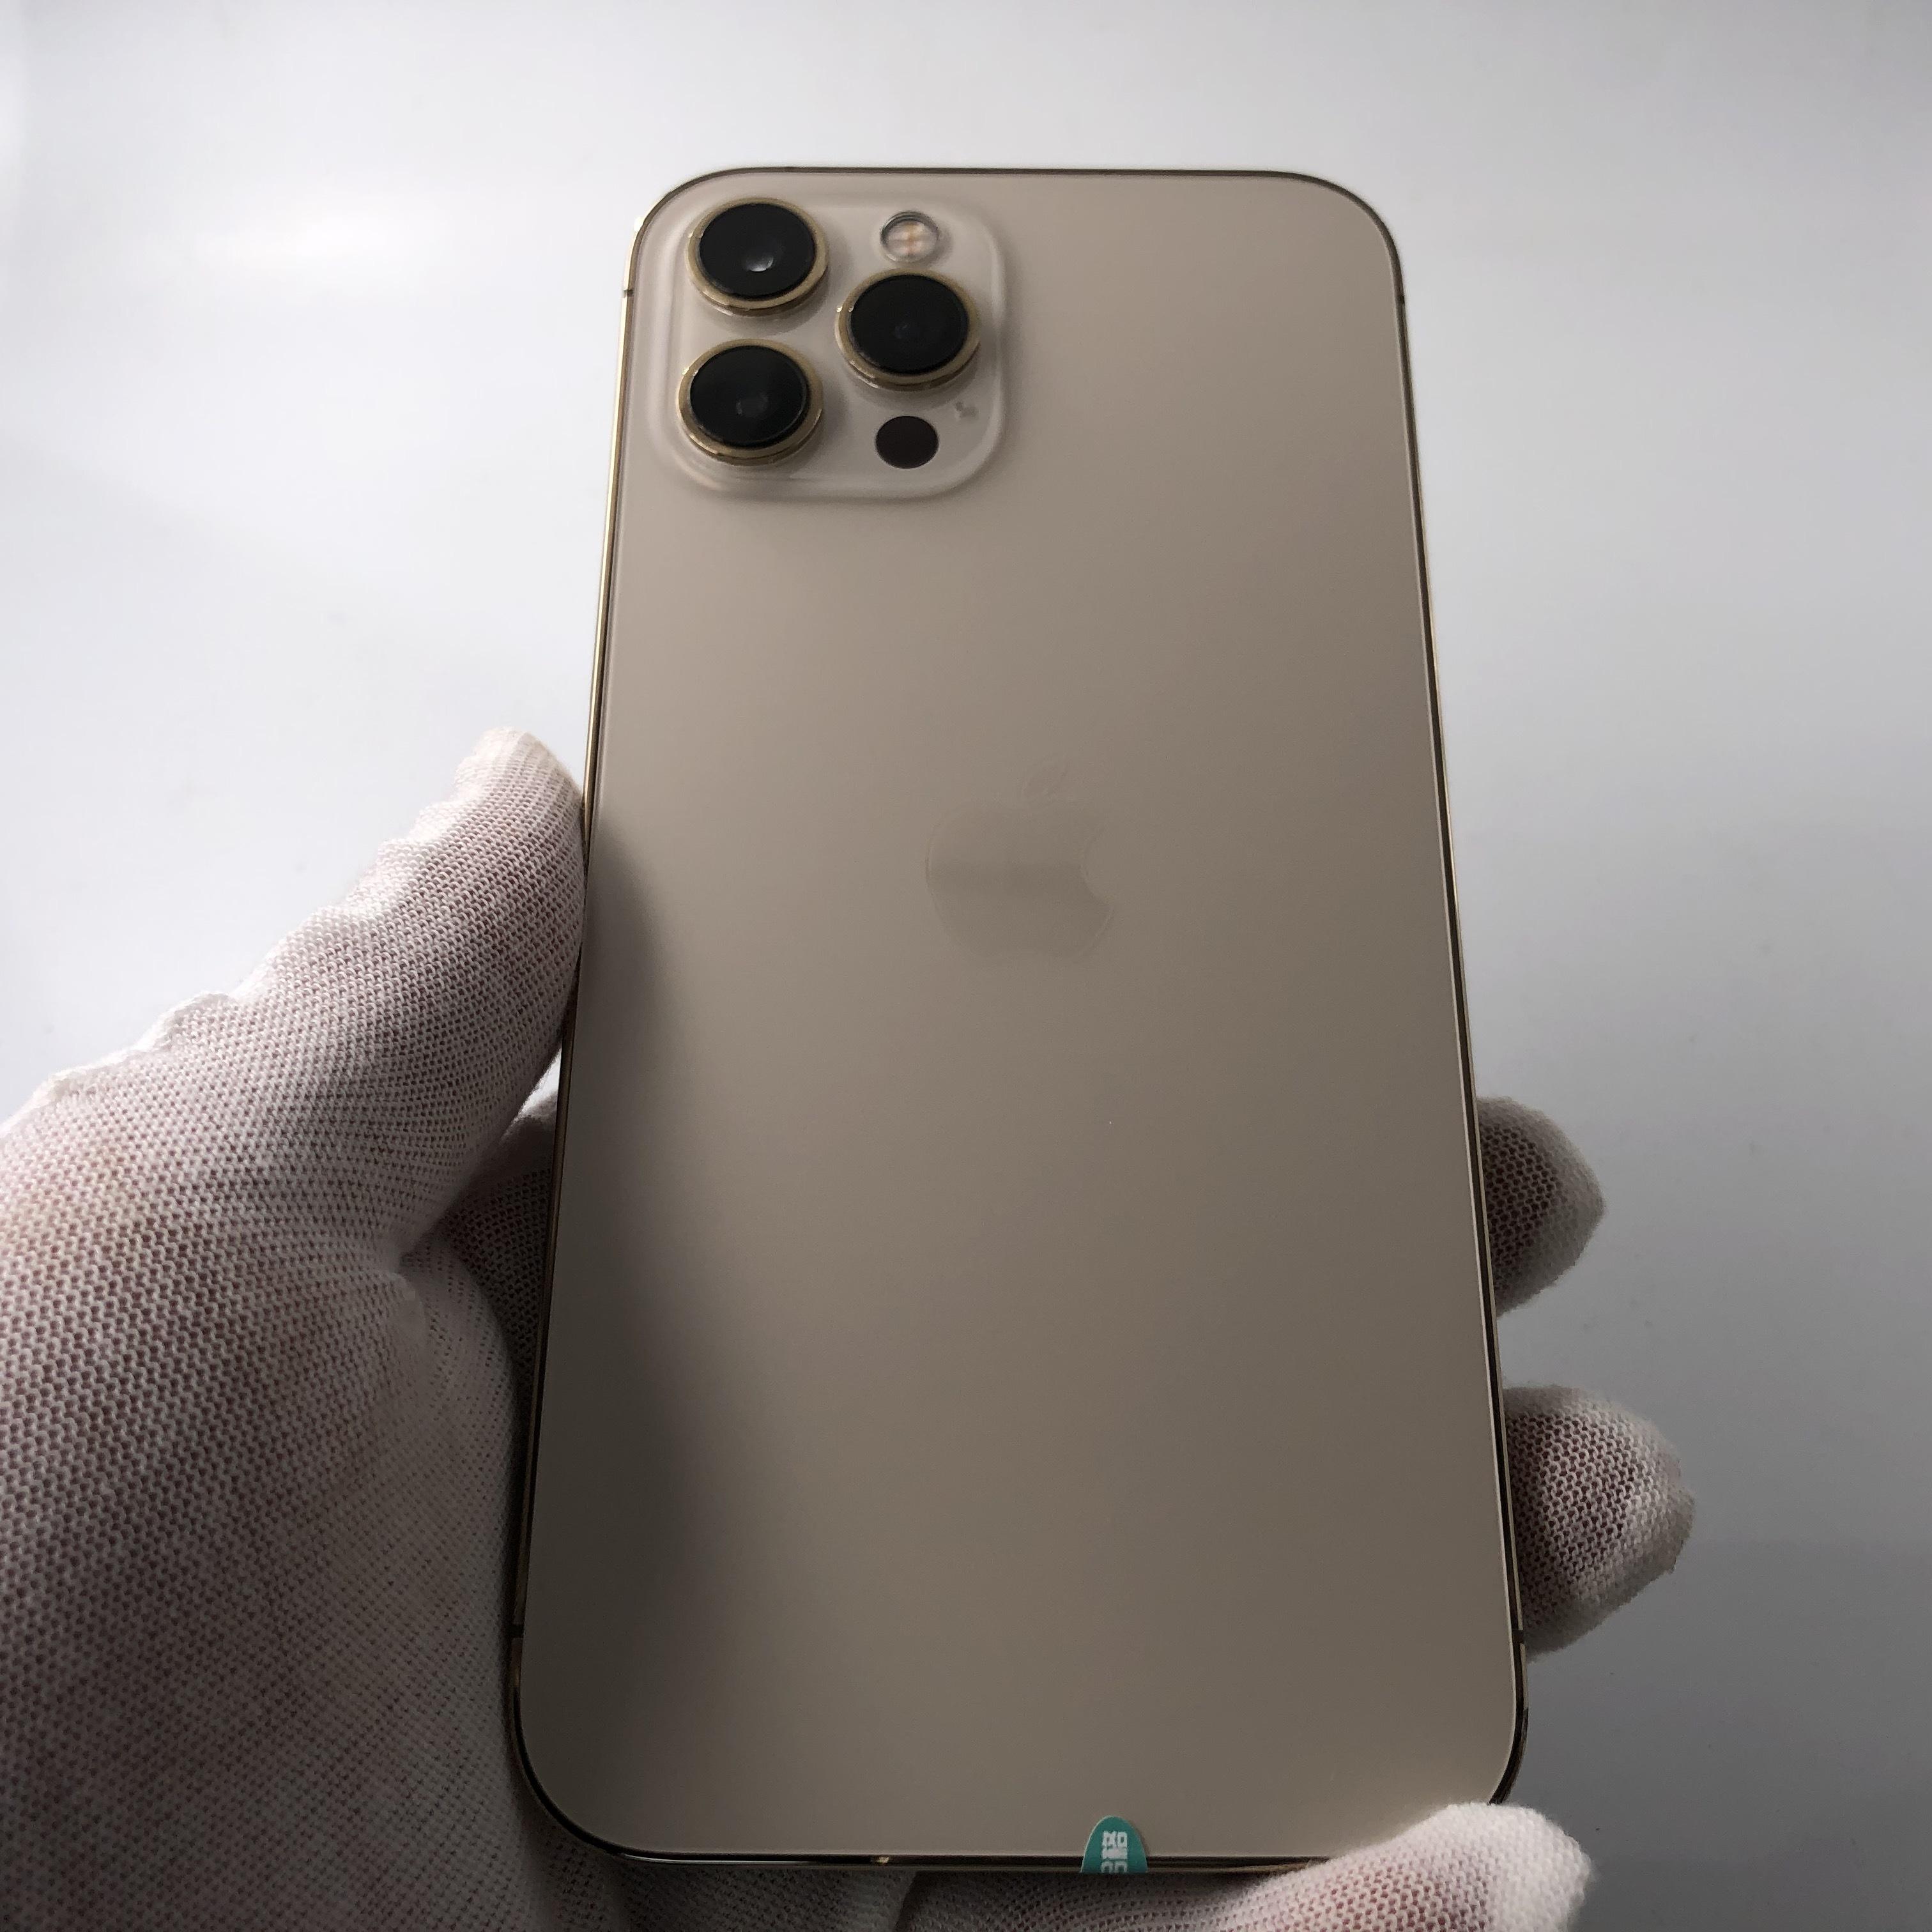 苹果【iPhone 12 Pro Max】5G全网通 金色 128G 国行 9成新